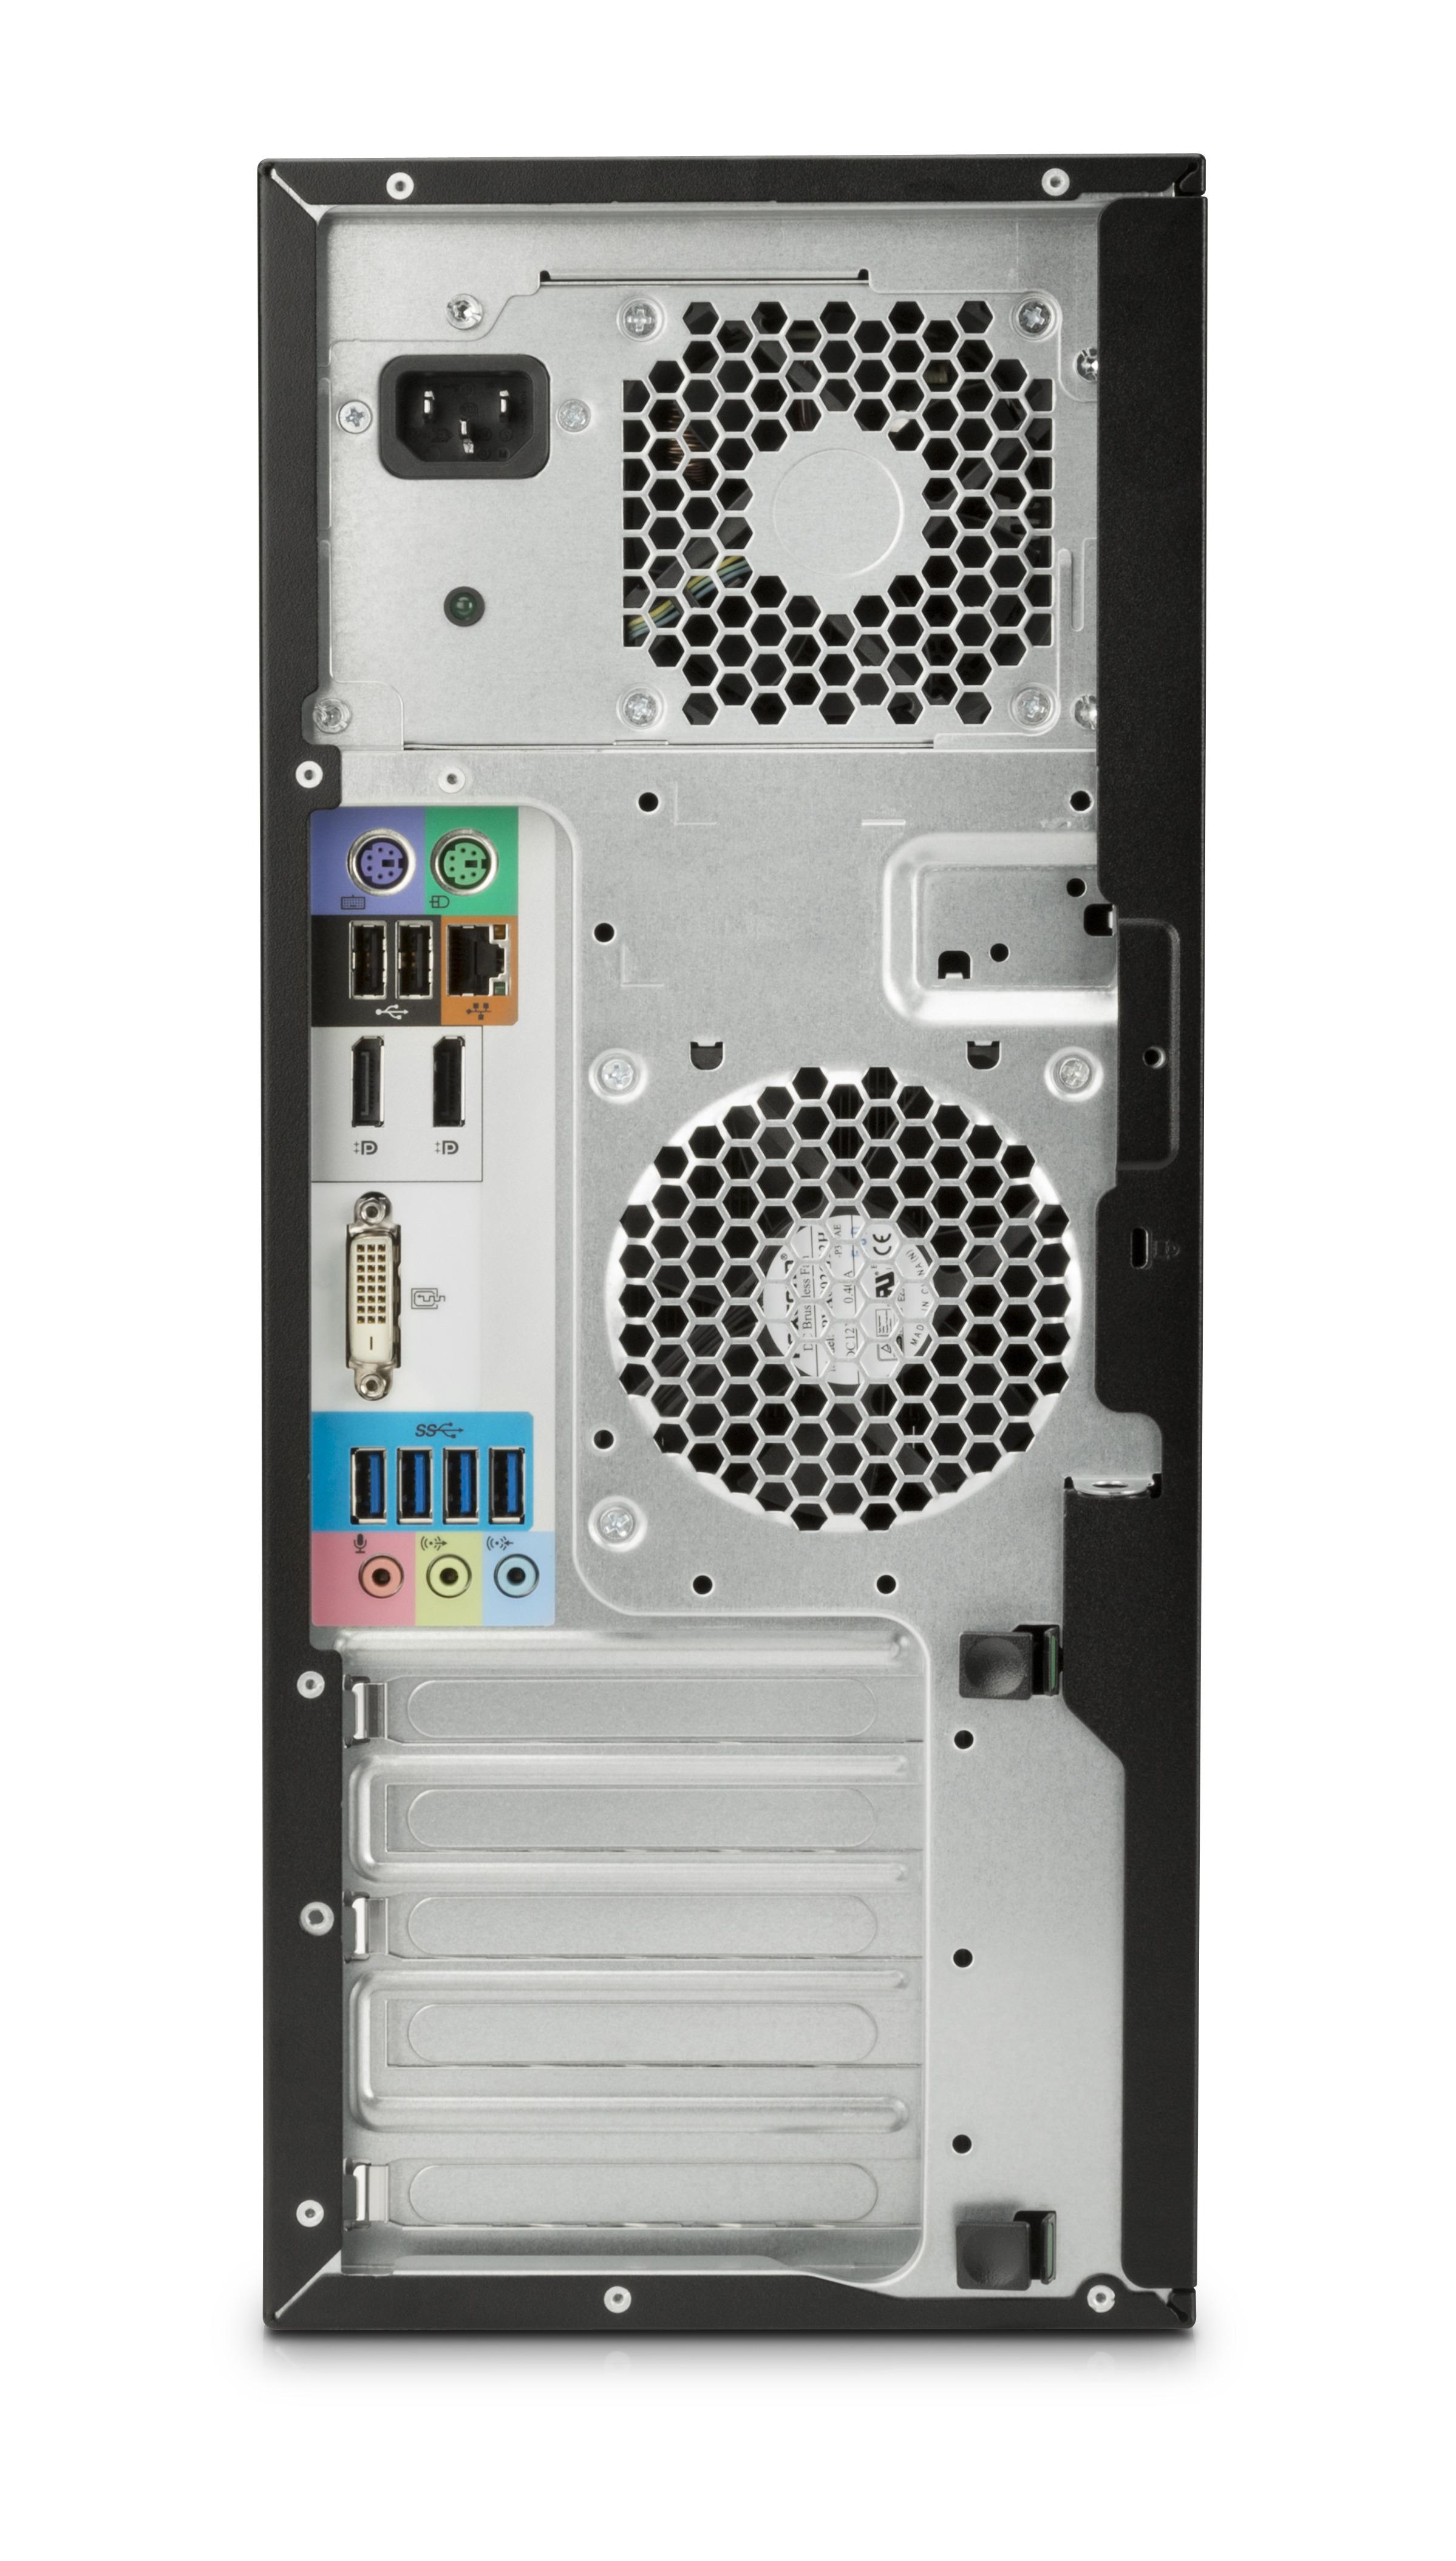 HP Z240 Tower + NVIDIA Quadro P400 3.5GHz i5-7600 Torre Nero Stazione di lavoro